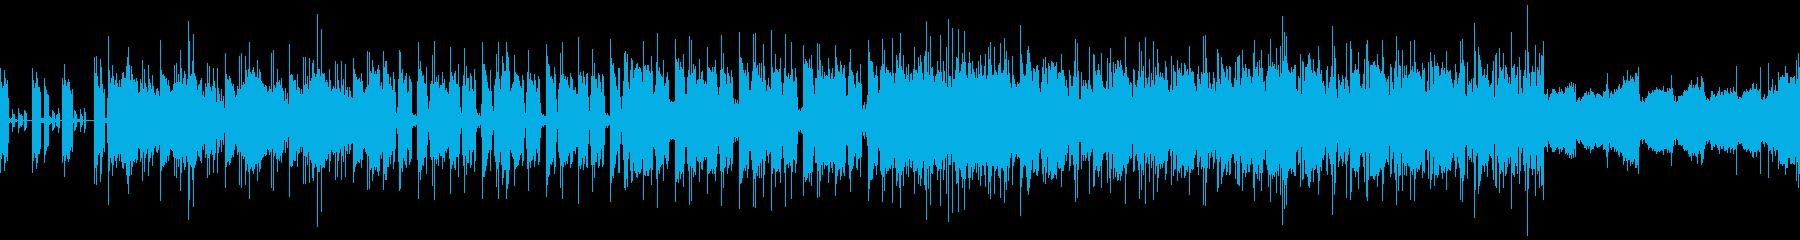 ヒールレスラーがリングに登場するロックの再生済みの波形